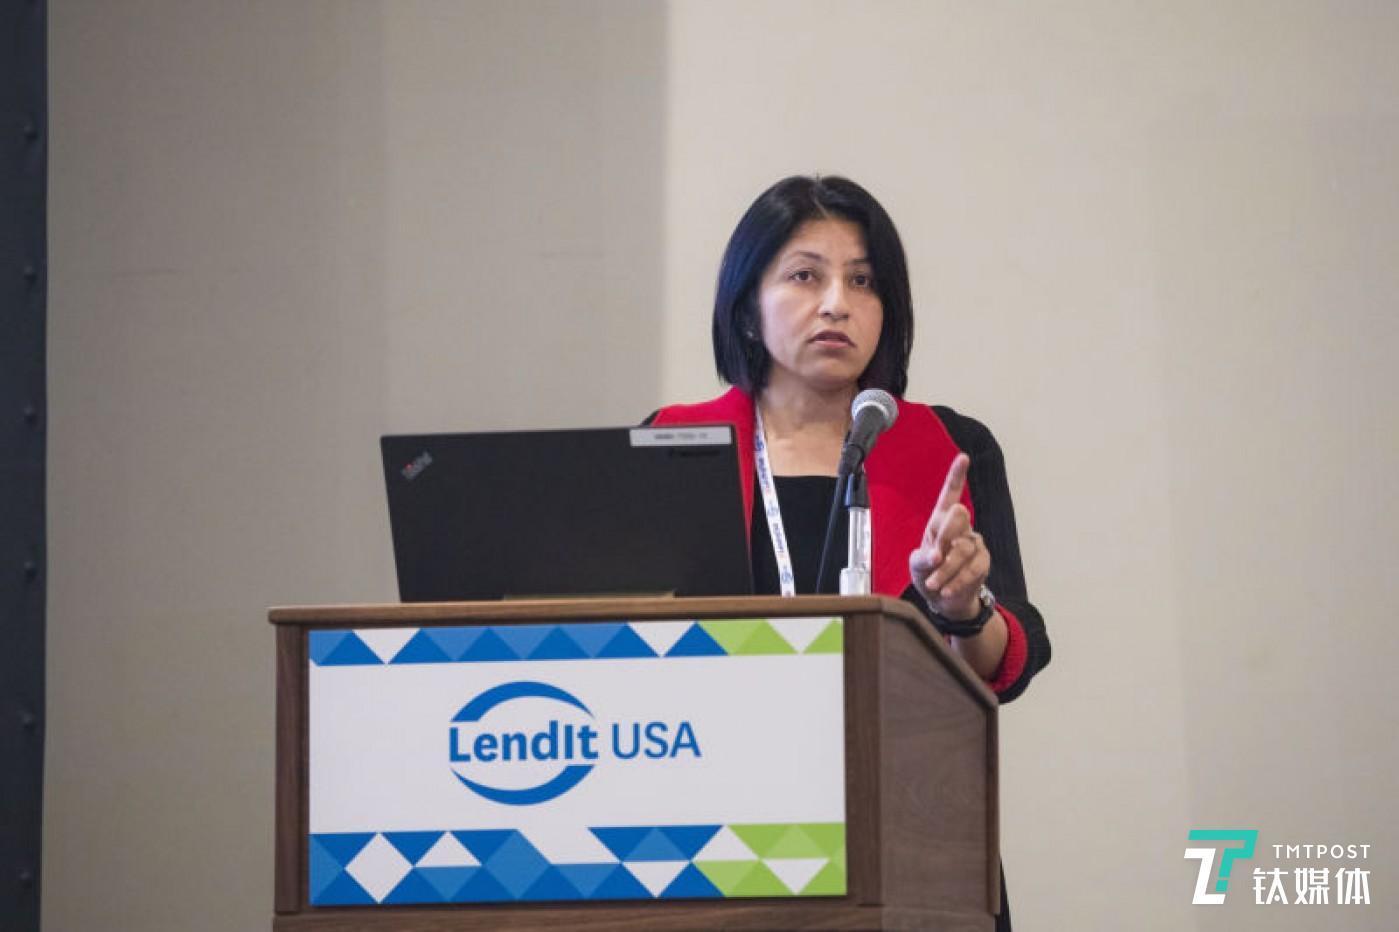 Anju Patwardhan看好的商业模式是B2B,以及B2B2C。